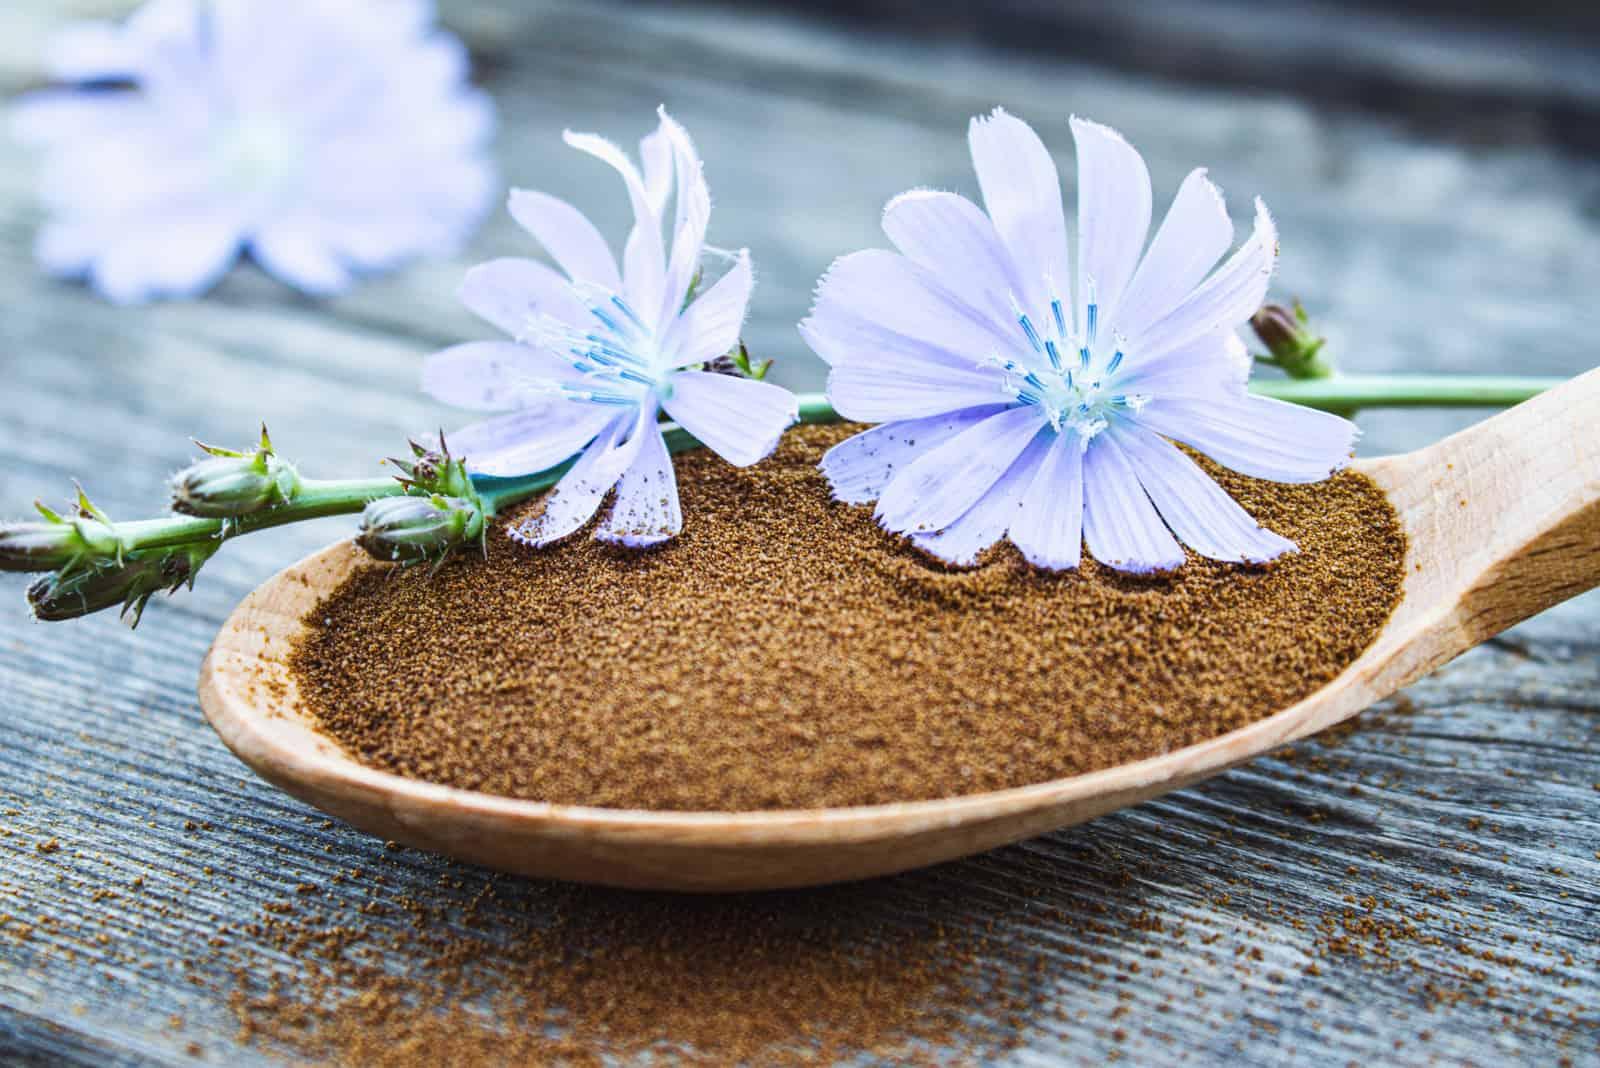 Blaue Zichorienblume und ein Holzlöffel Zichorienpulver auf einem alten Holztisch